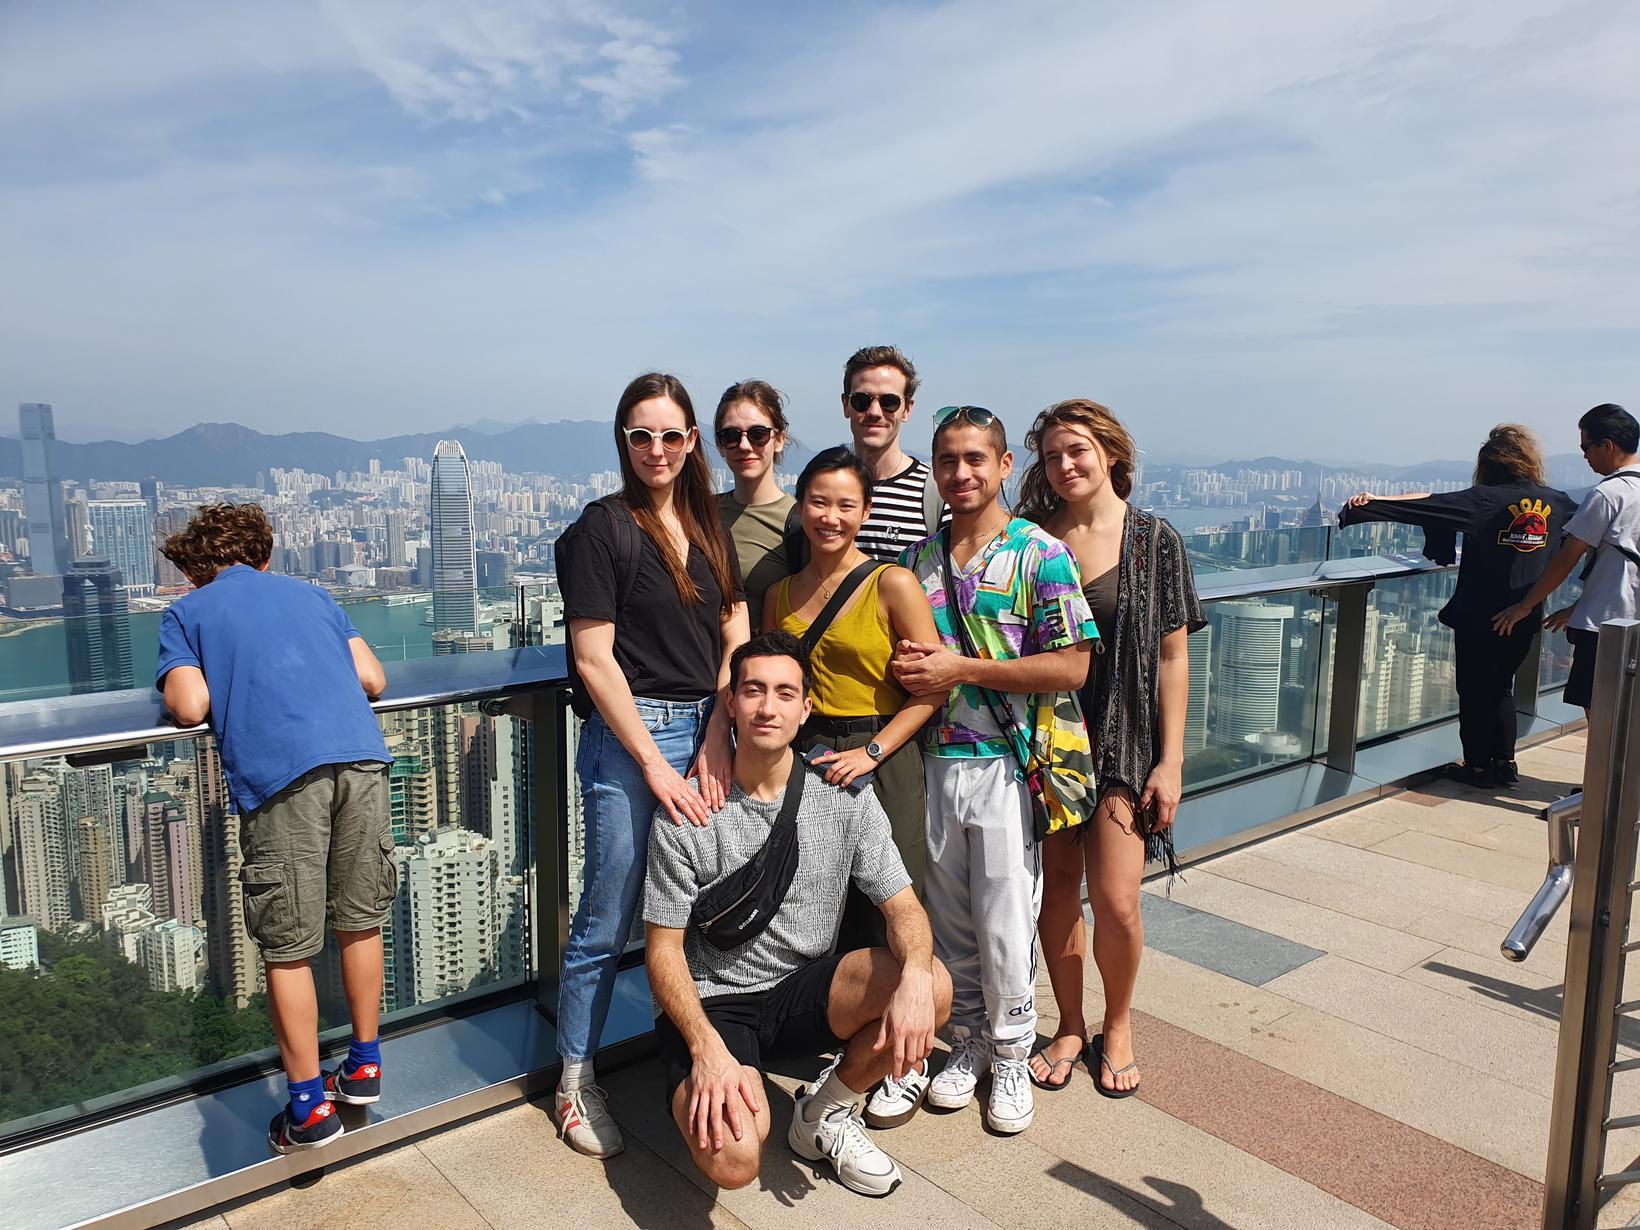 Dansarar íslenska dansflokksins á toppi Peak-fjalls í Hong Kong.